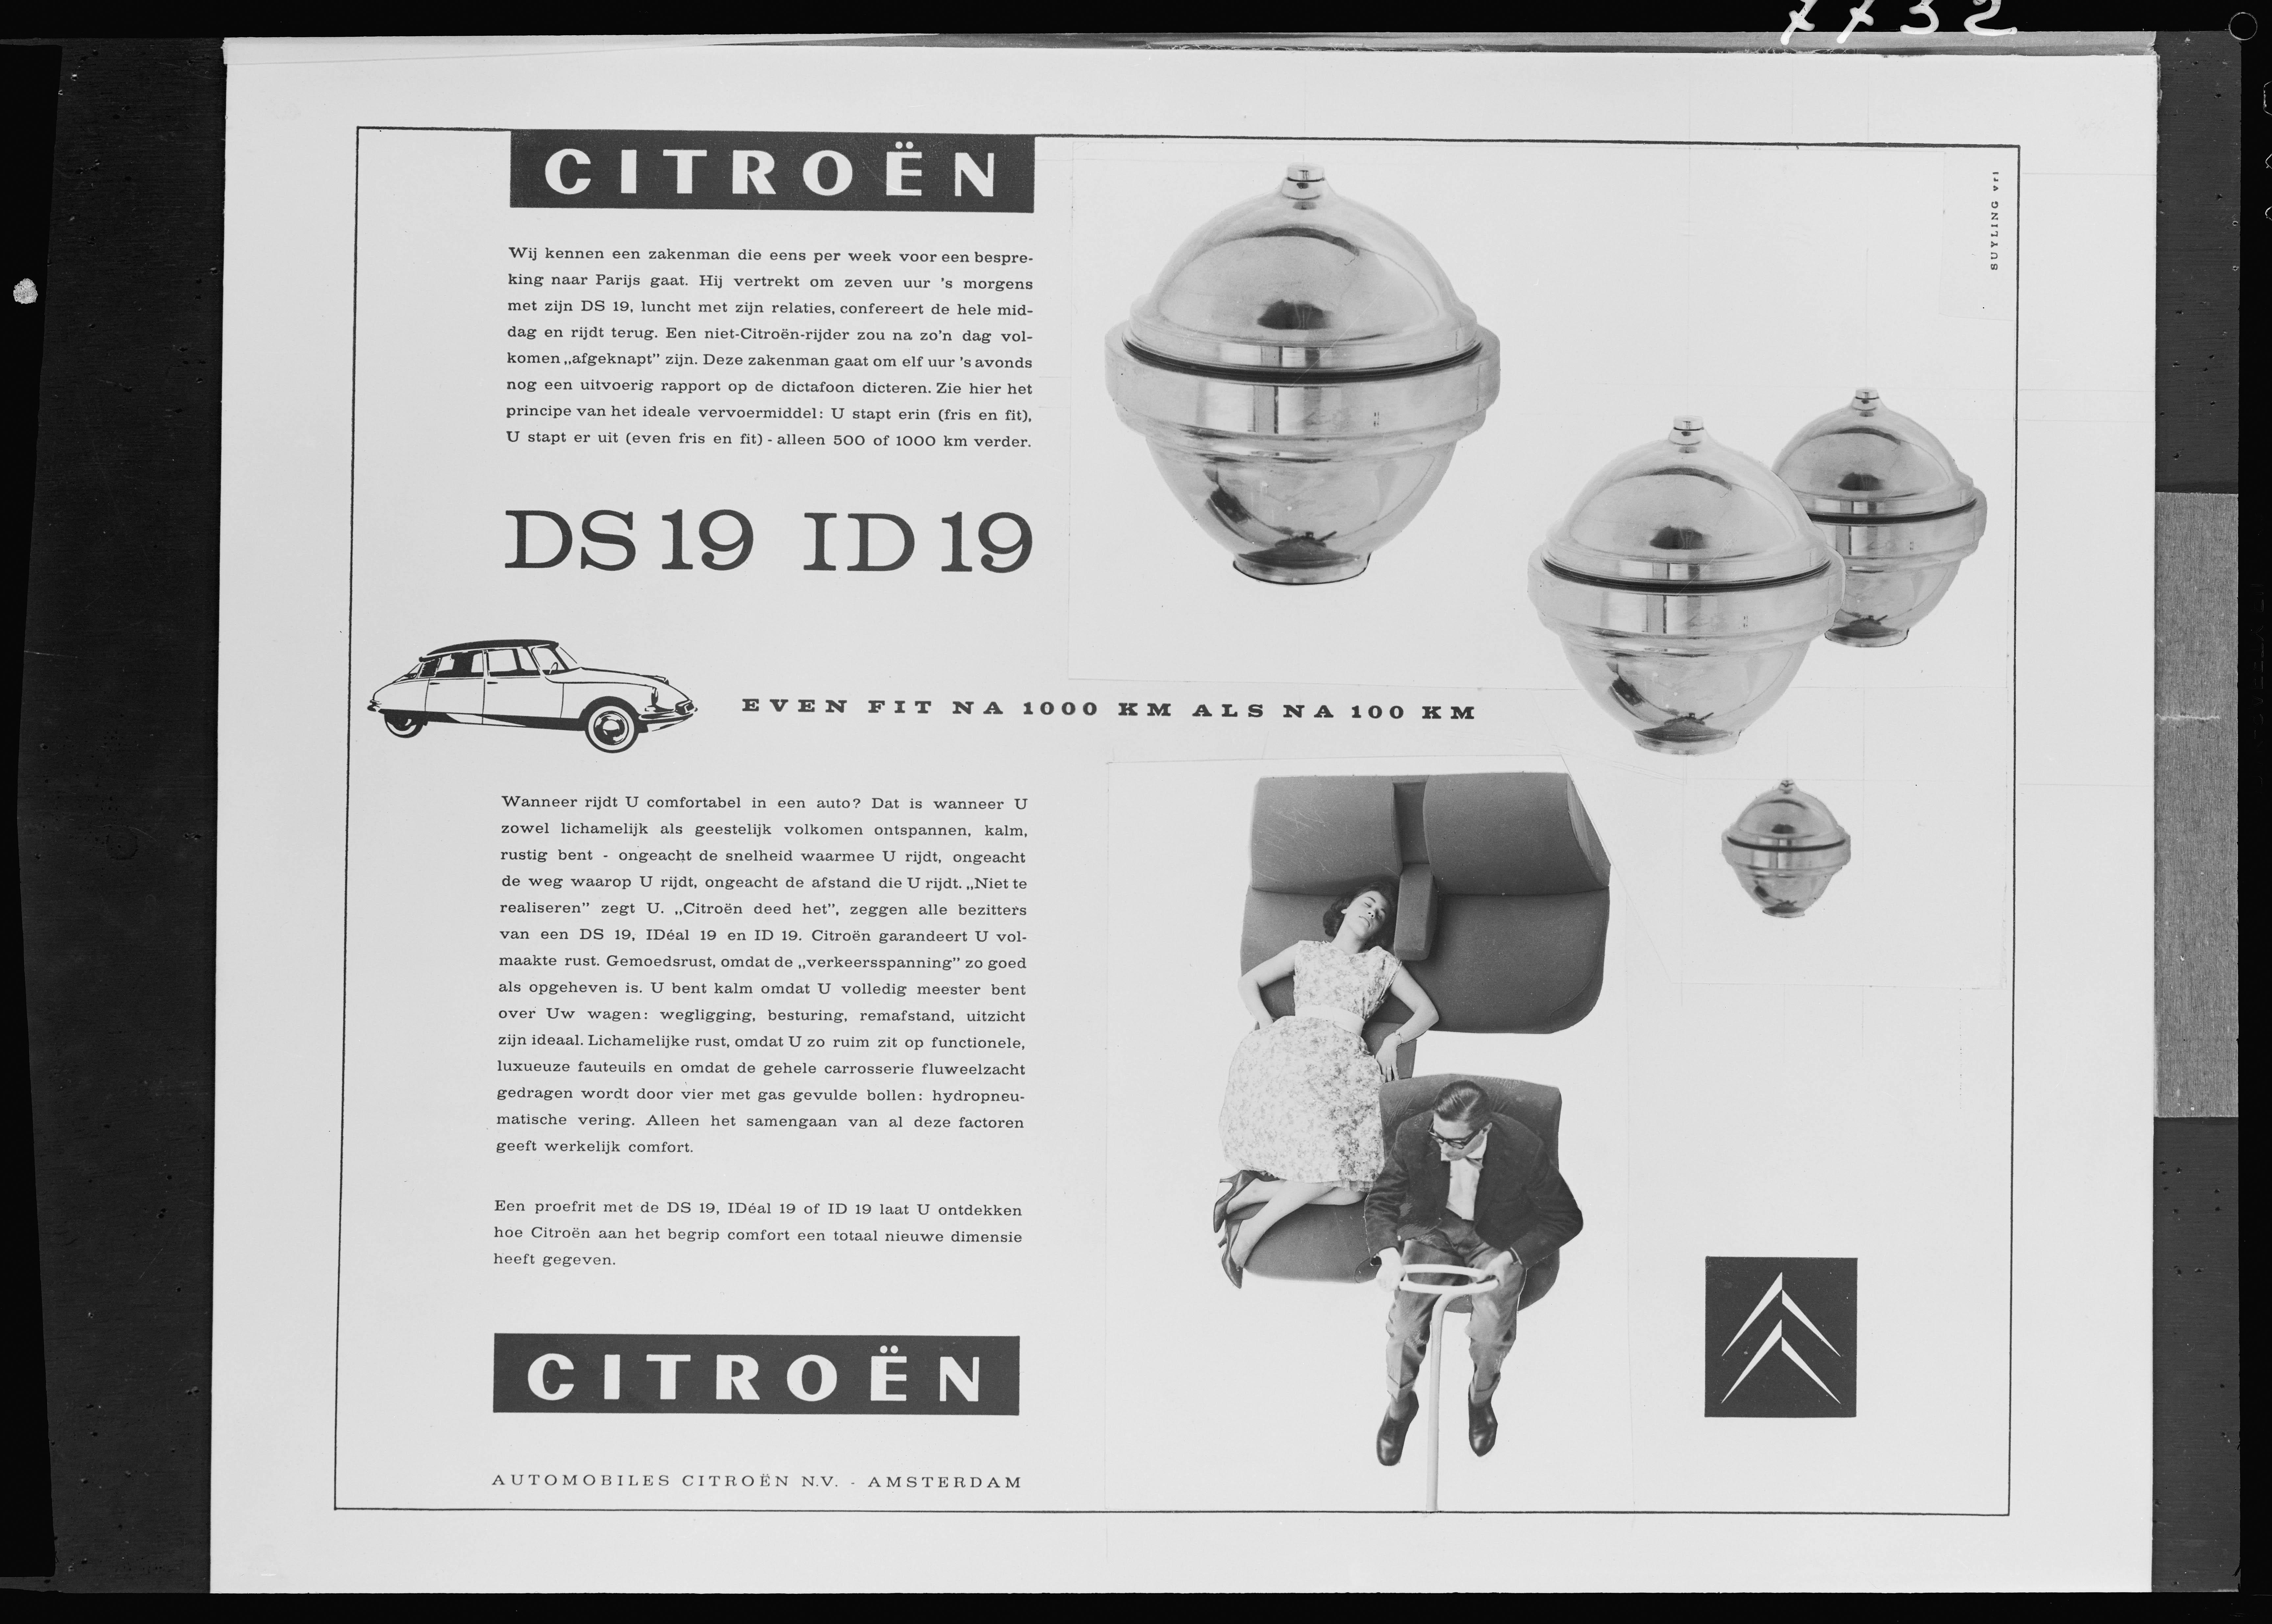 Publicidade do DS 19 nos Países Baixos DS 19 - 1959